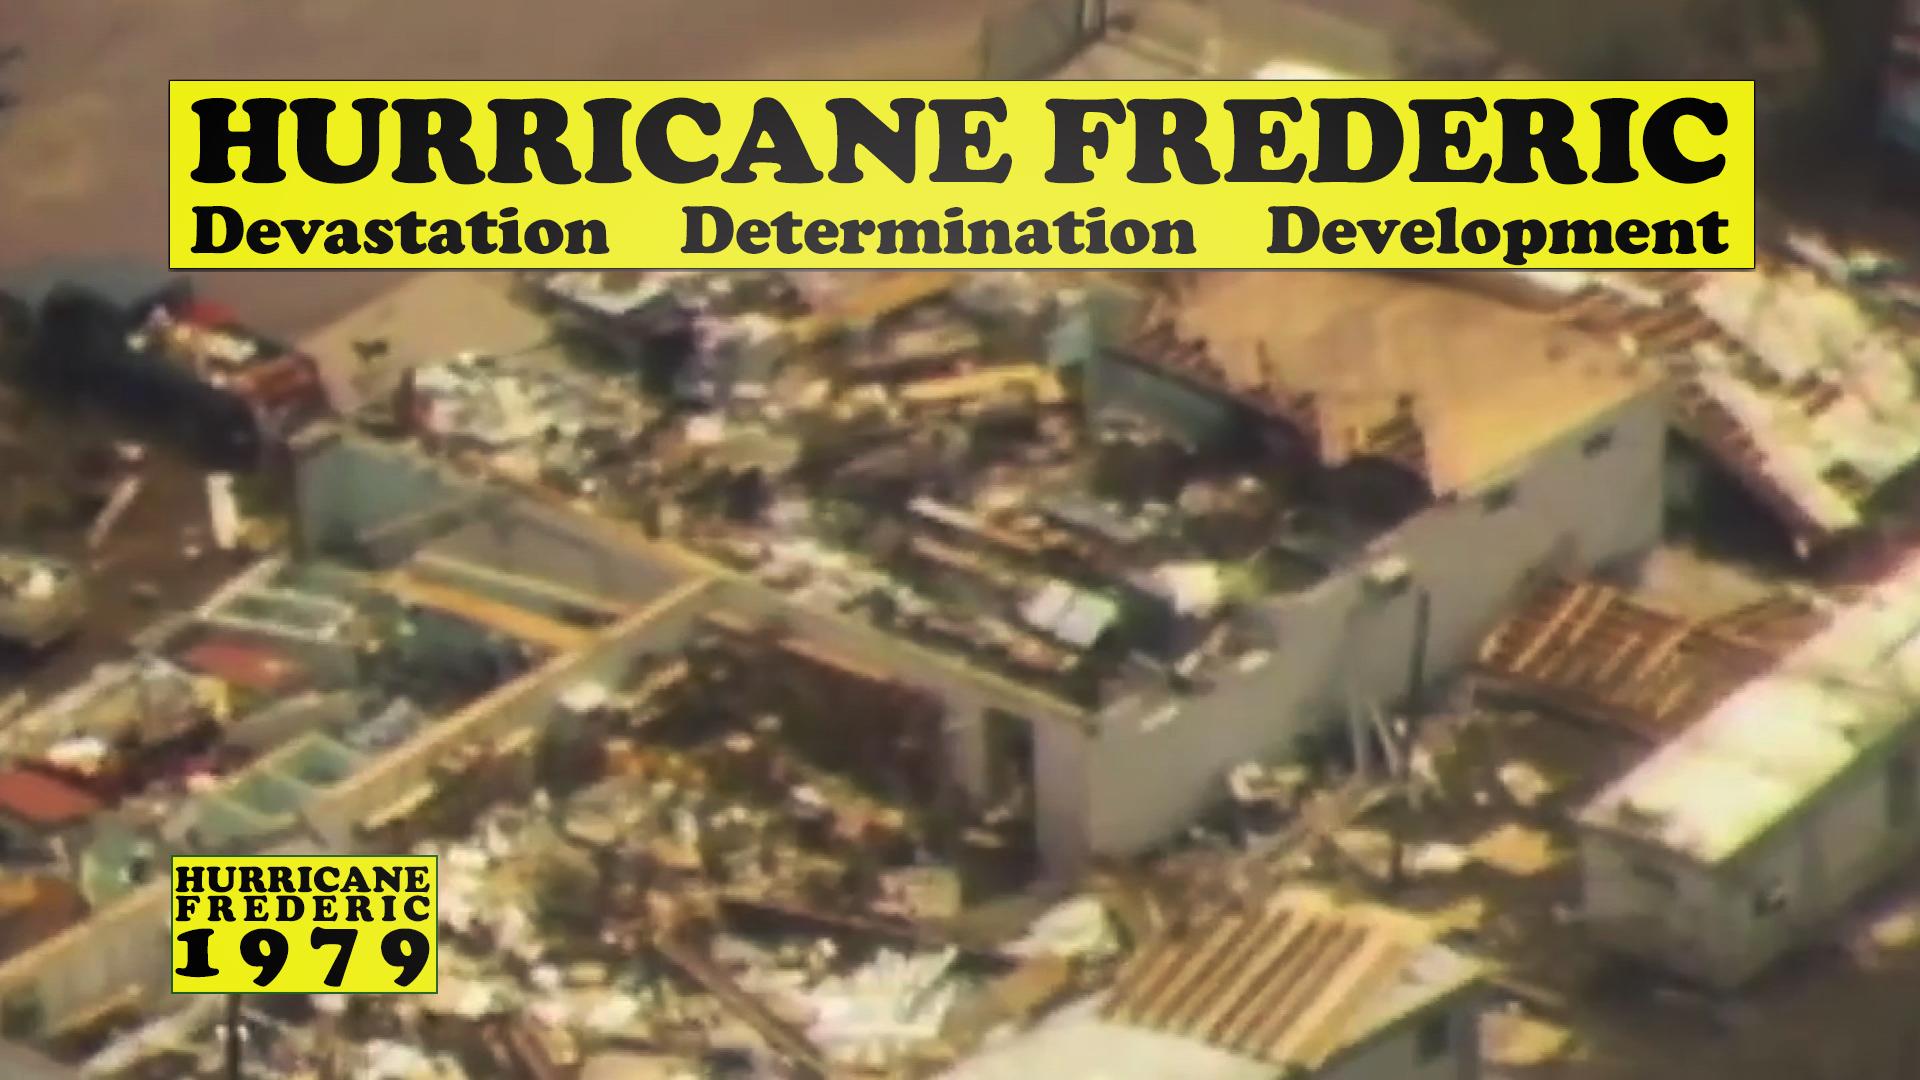 Hurricane Frederic: Devastation, Determination, Development